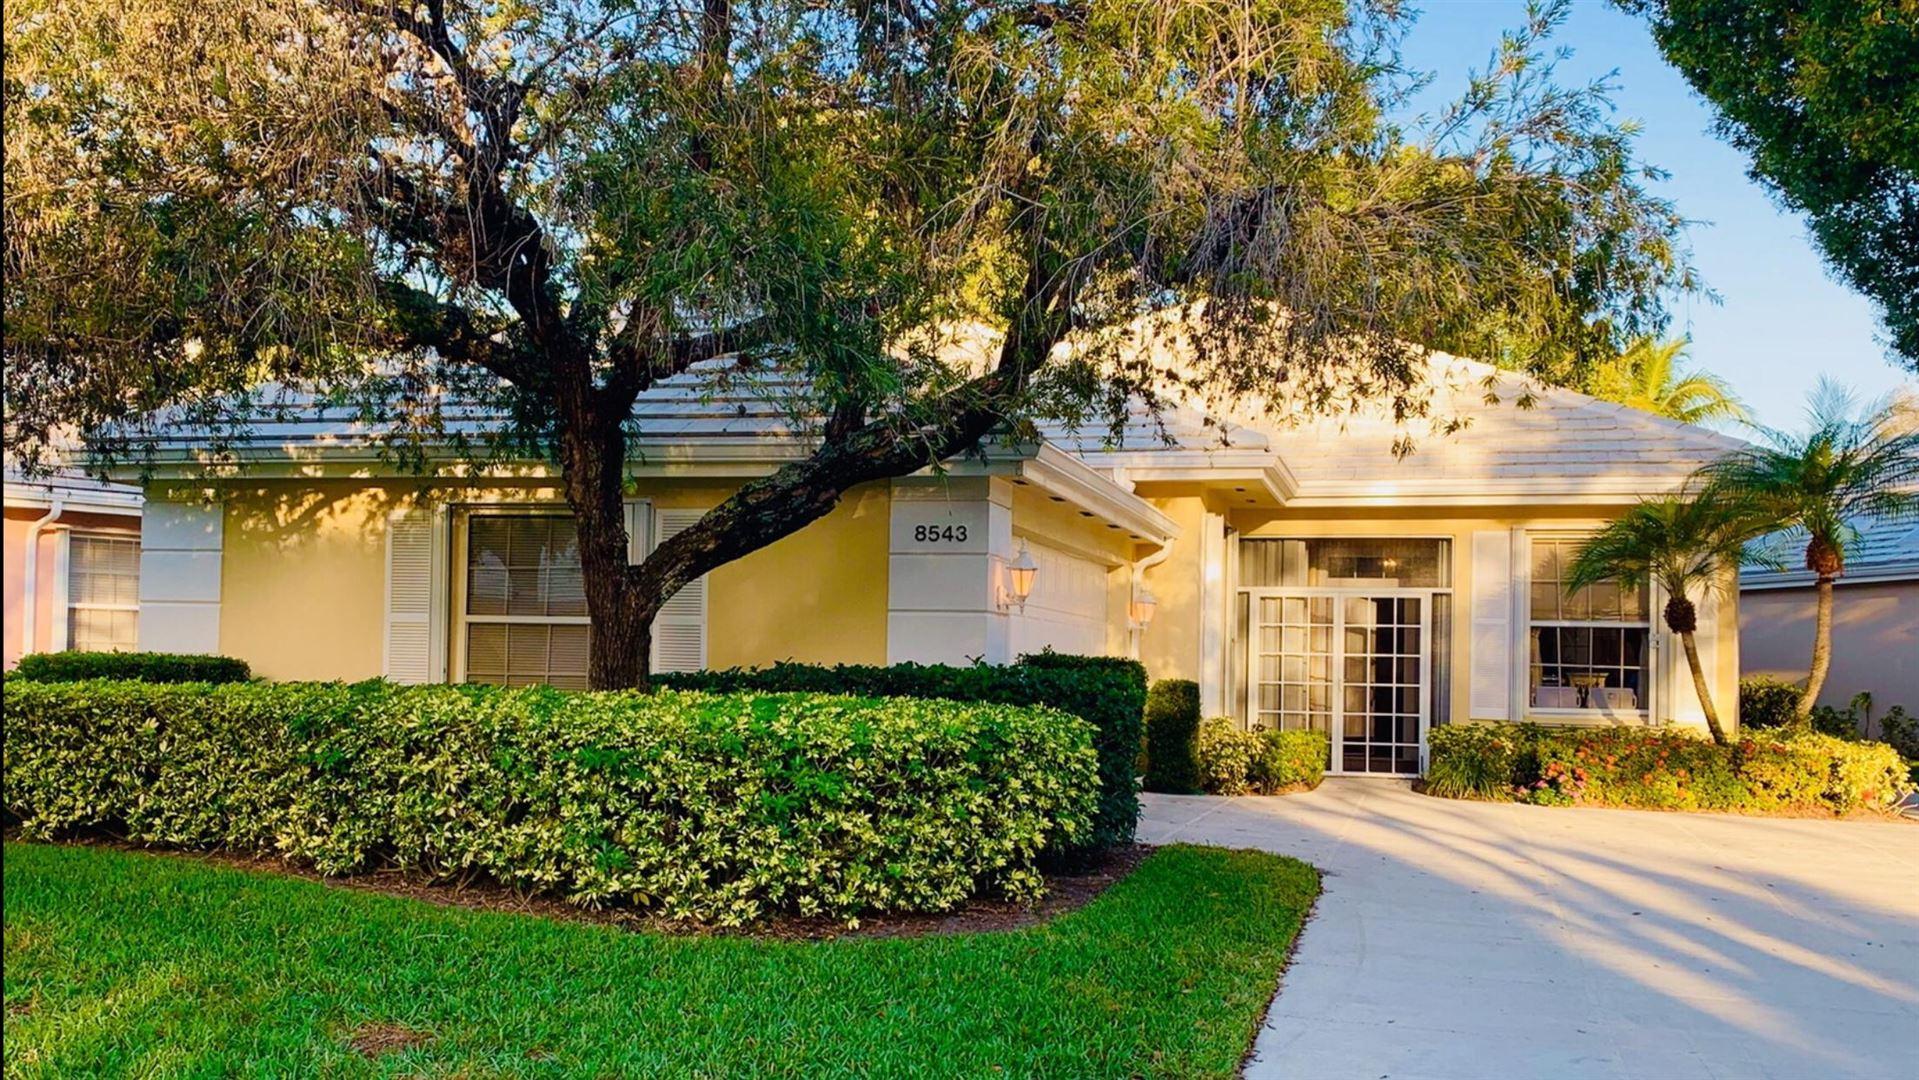 8543 Doverbrook Drive, Palm Beach Gardens, FL 33410 - #: RX-10645271